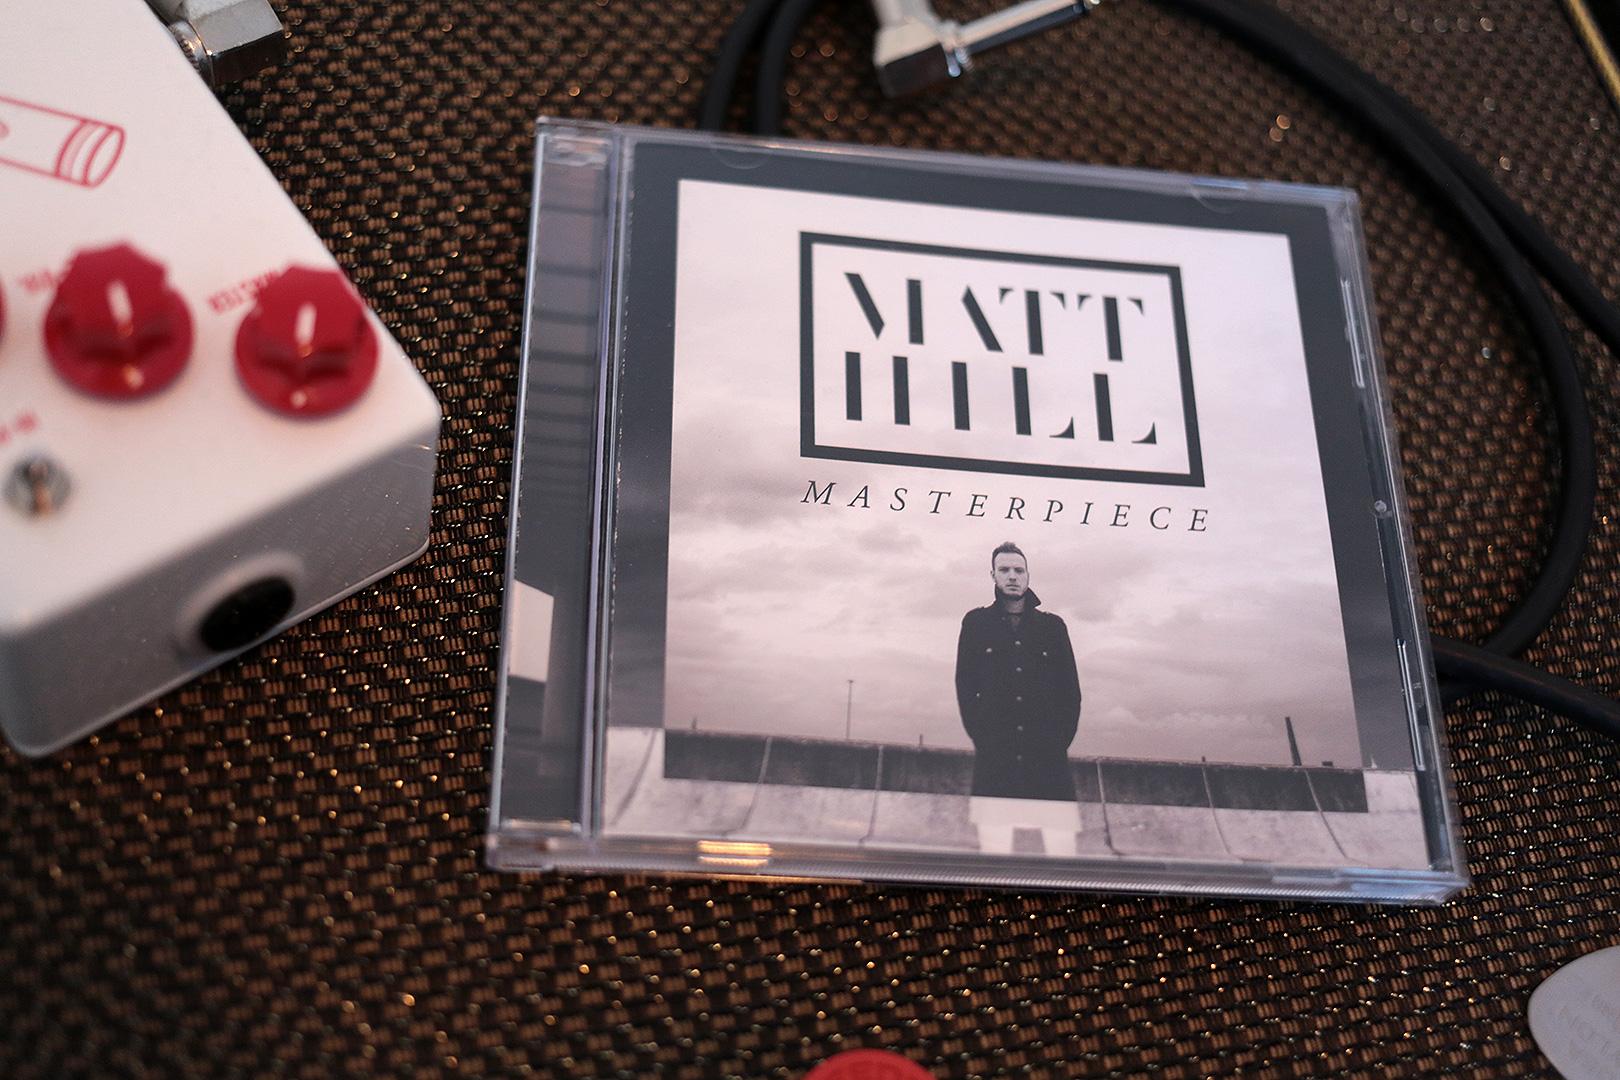 Matt Hill